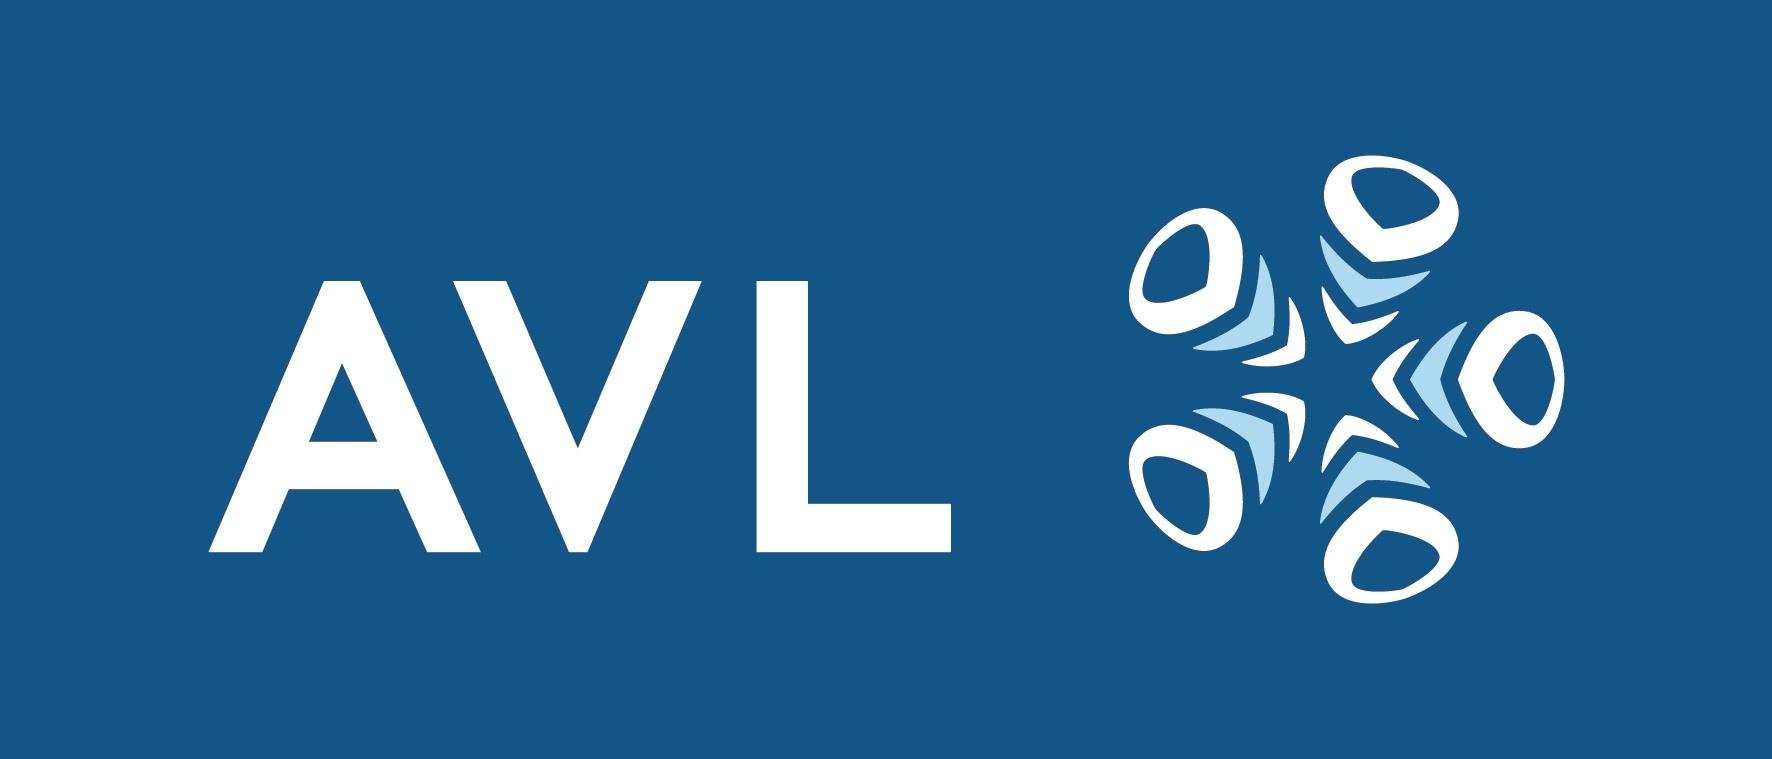 AVL_Logo.jpg